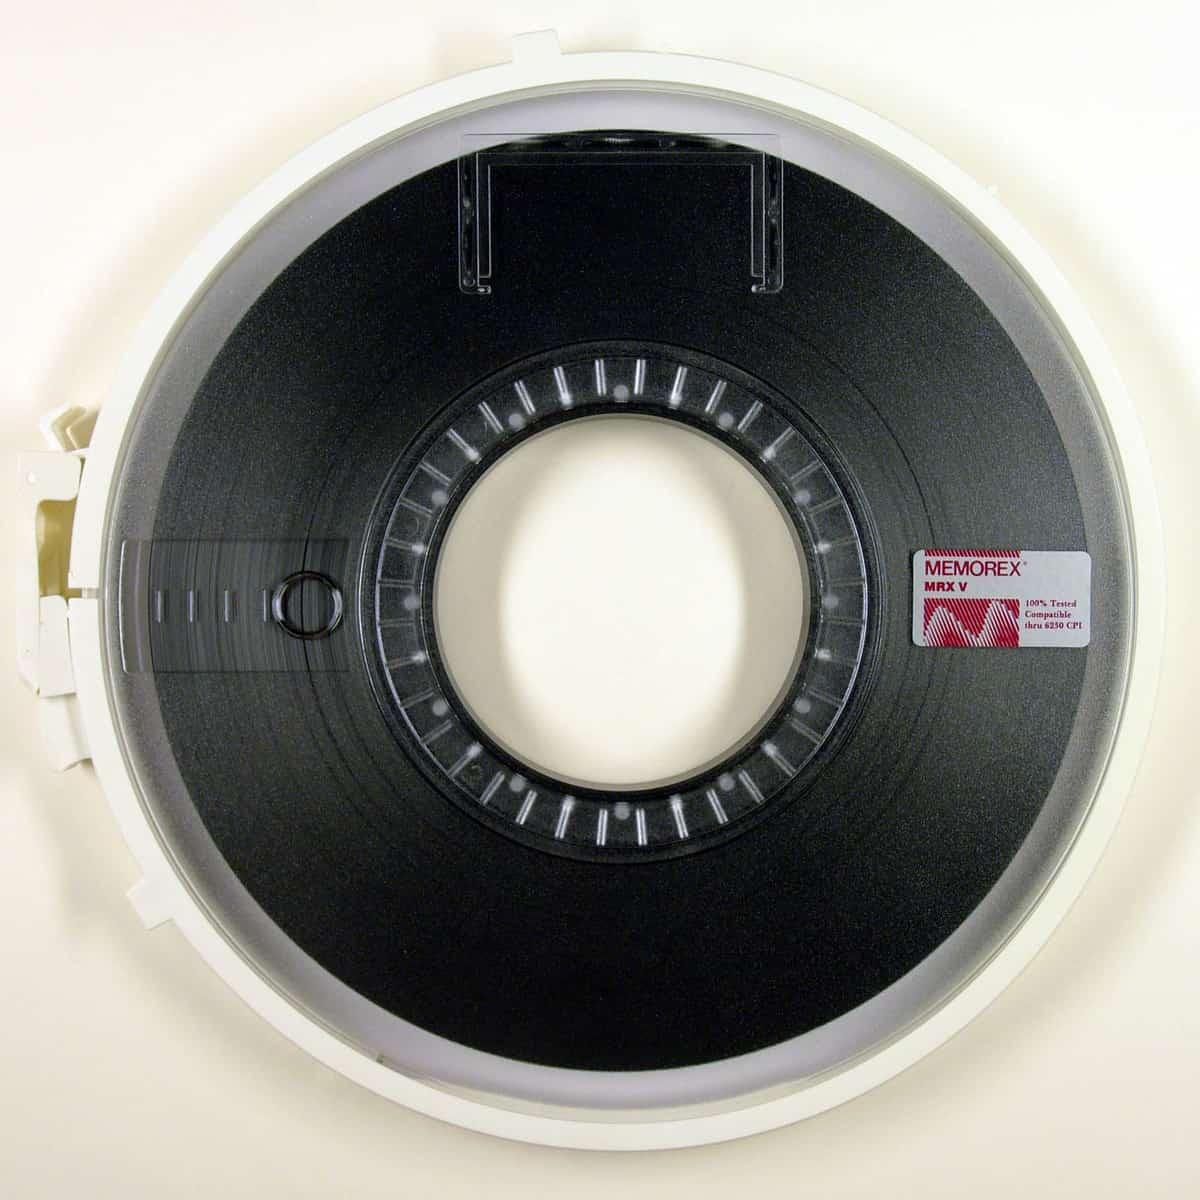 Magnetbänder, Ausdrucke, Pakete (Foto: Wikimedia - siehe Bildnachweis)